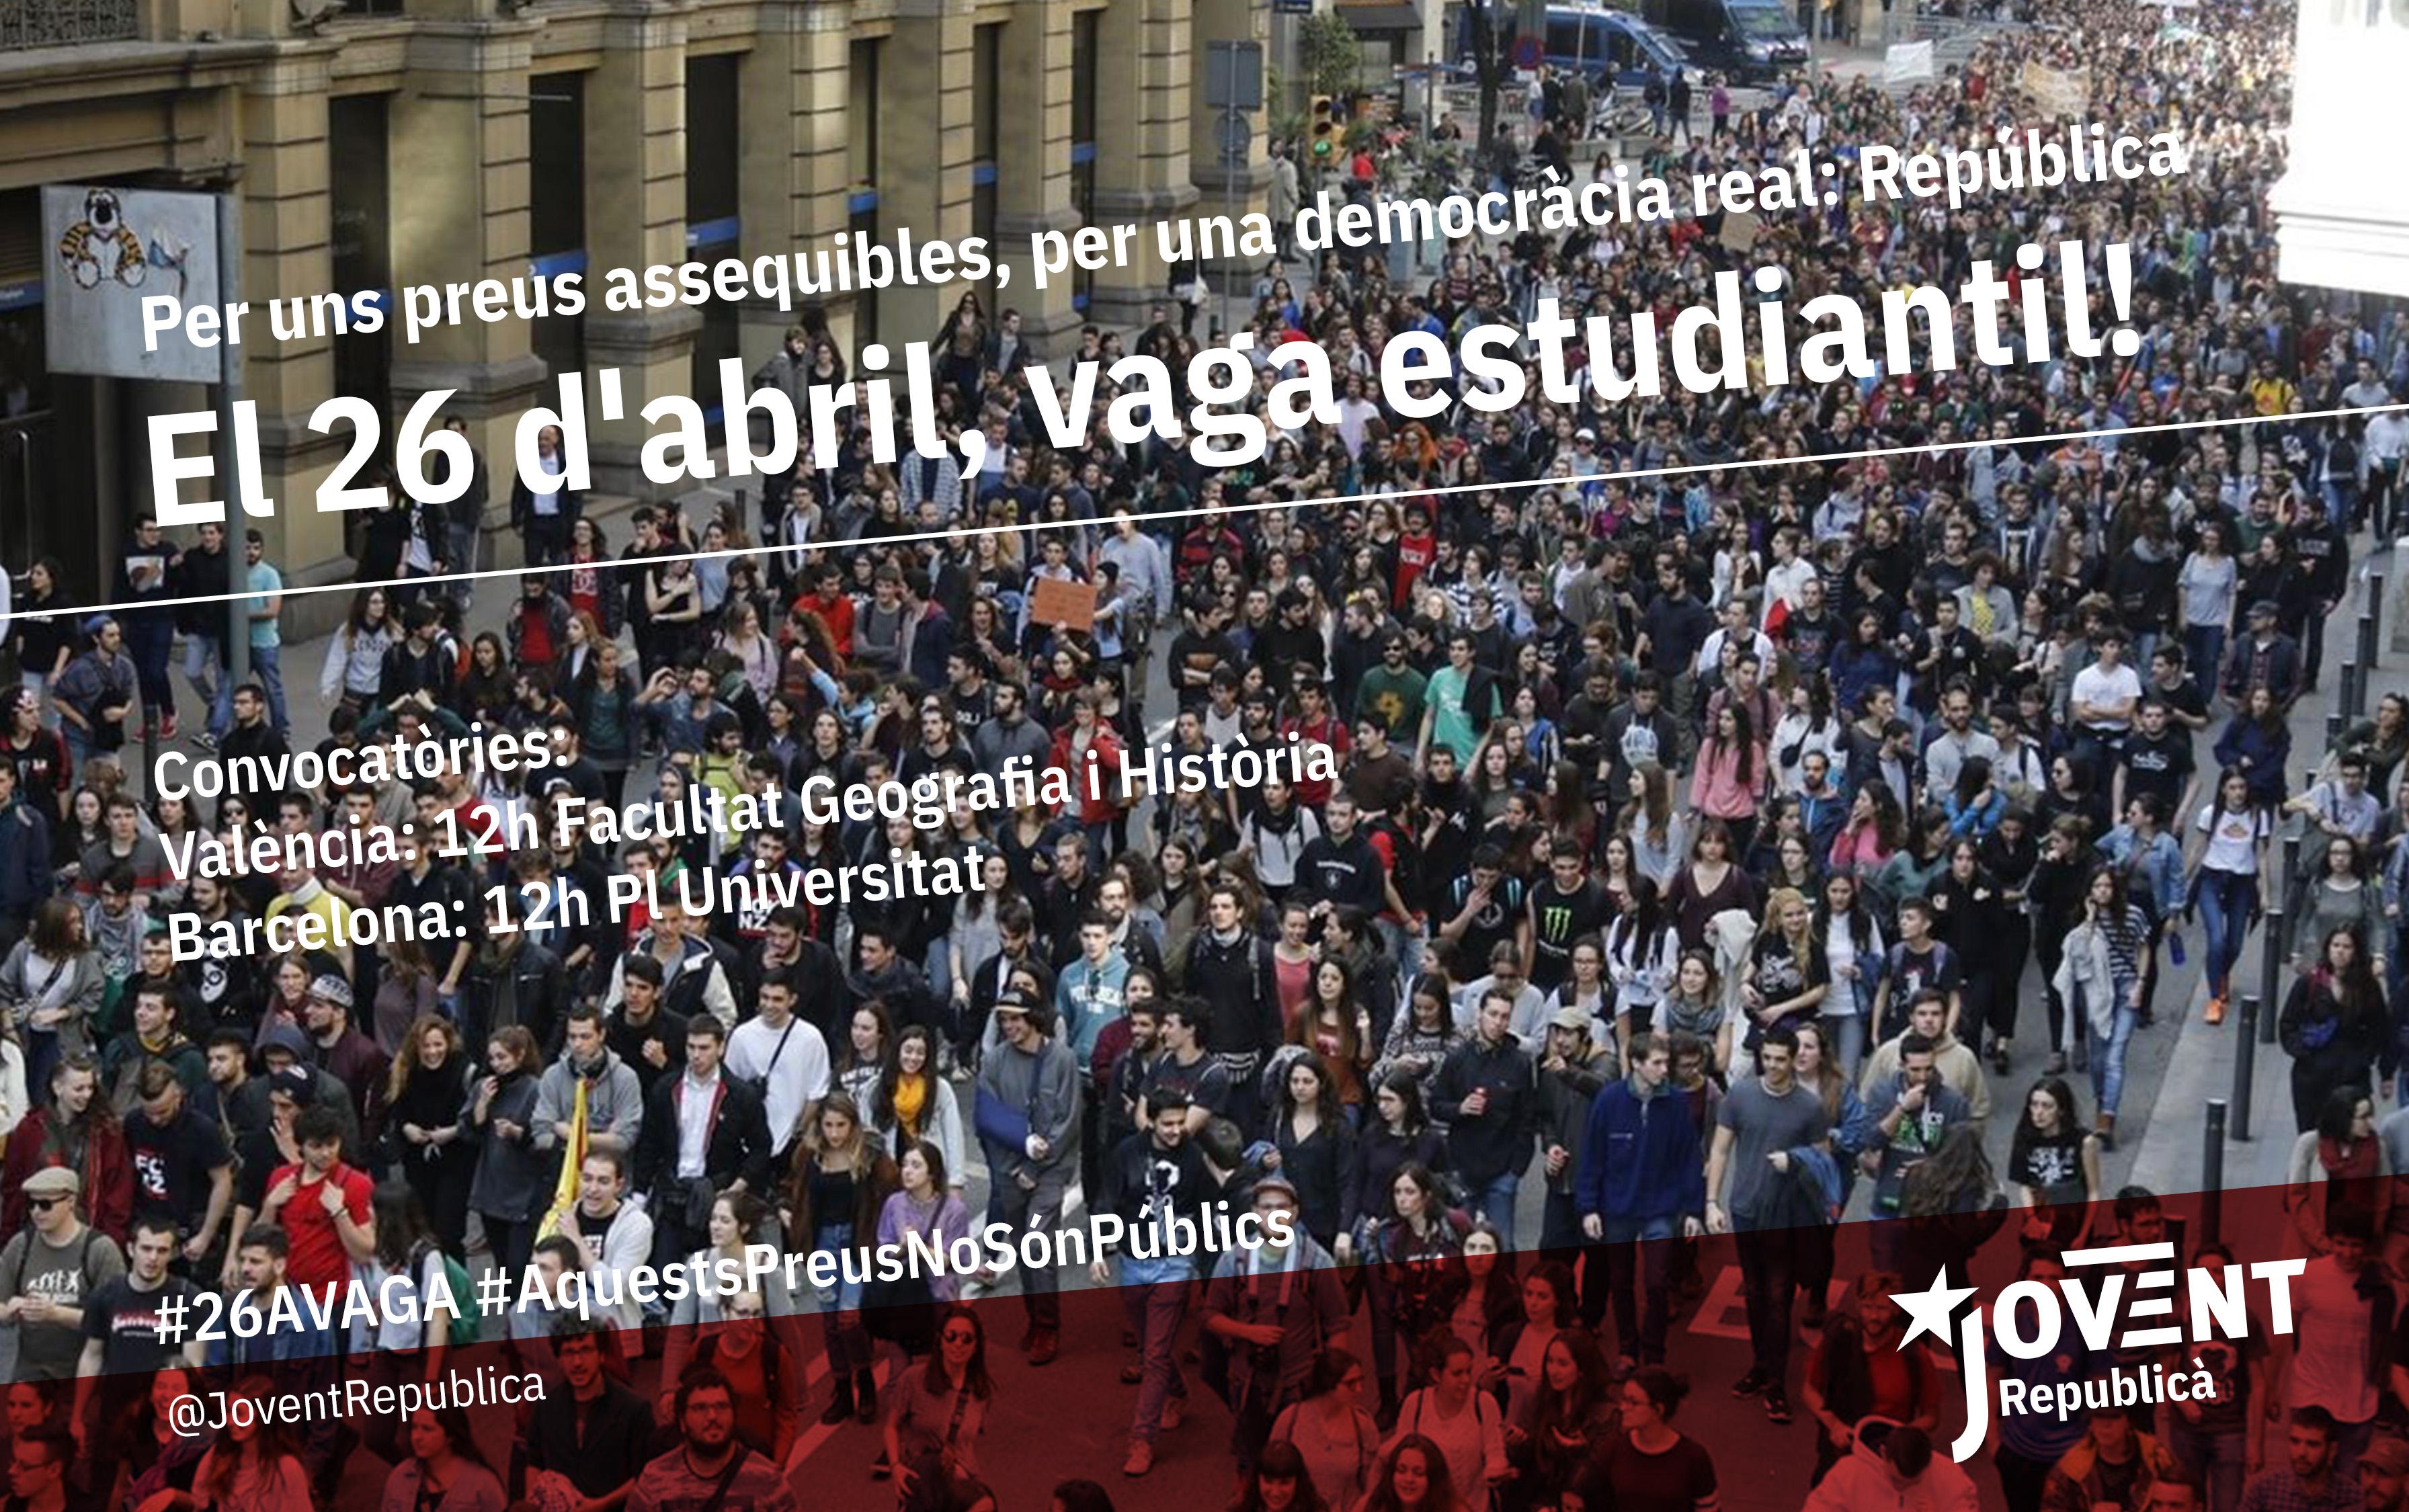 El 26 d'abril vaga estudiantil!